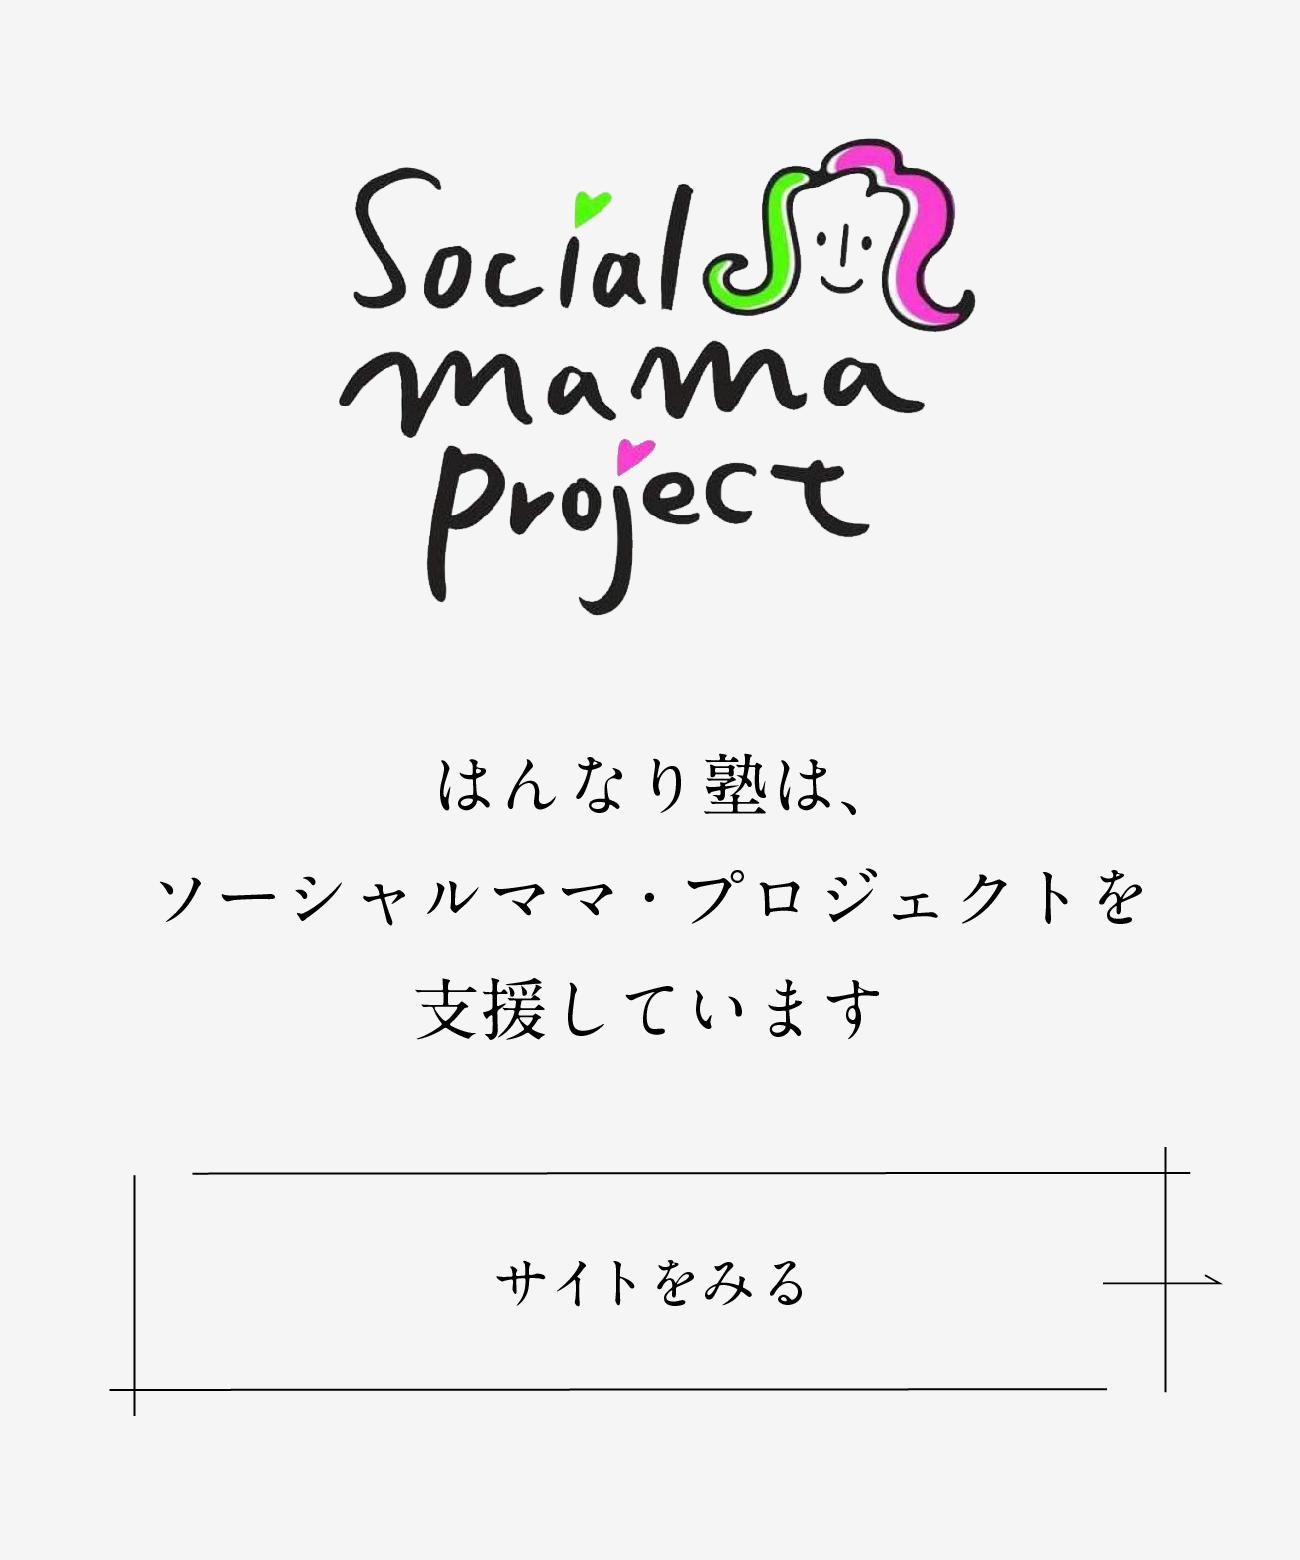 ソーシャルママ・プロジェクトのサイト